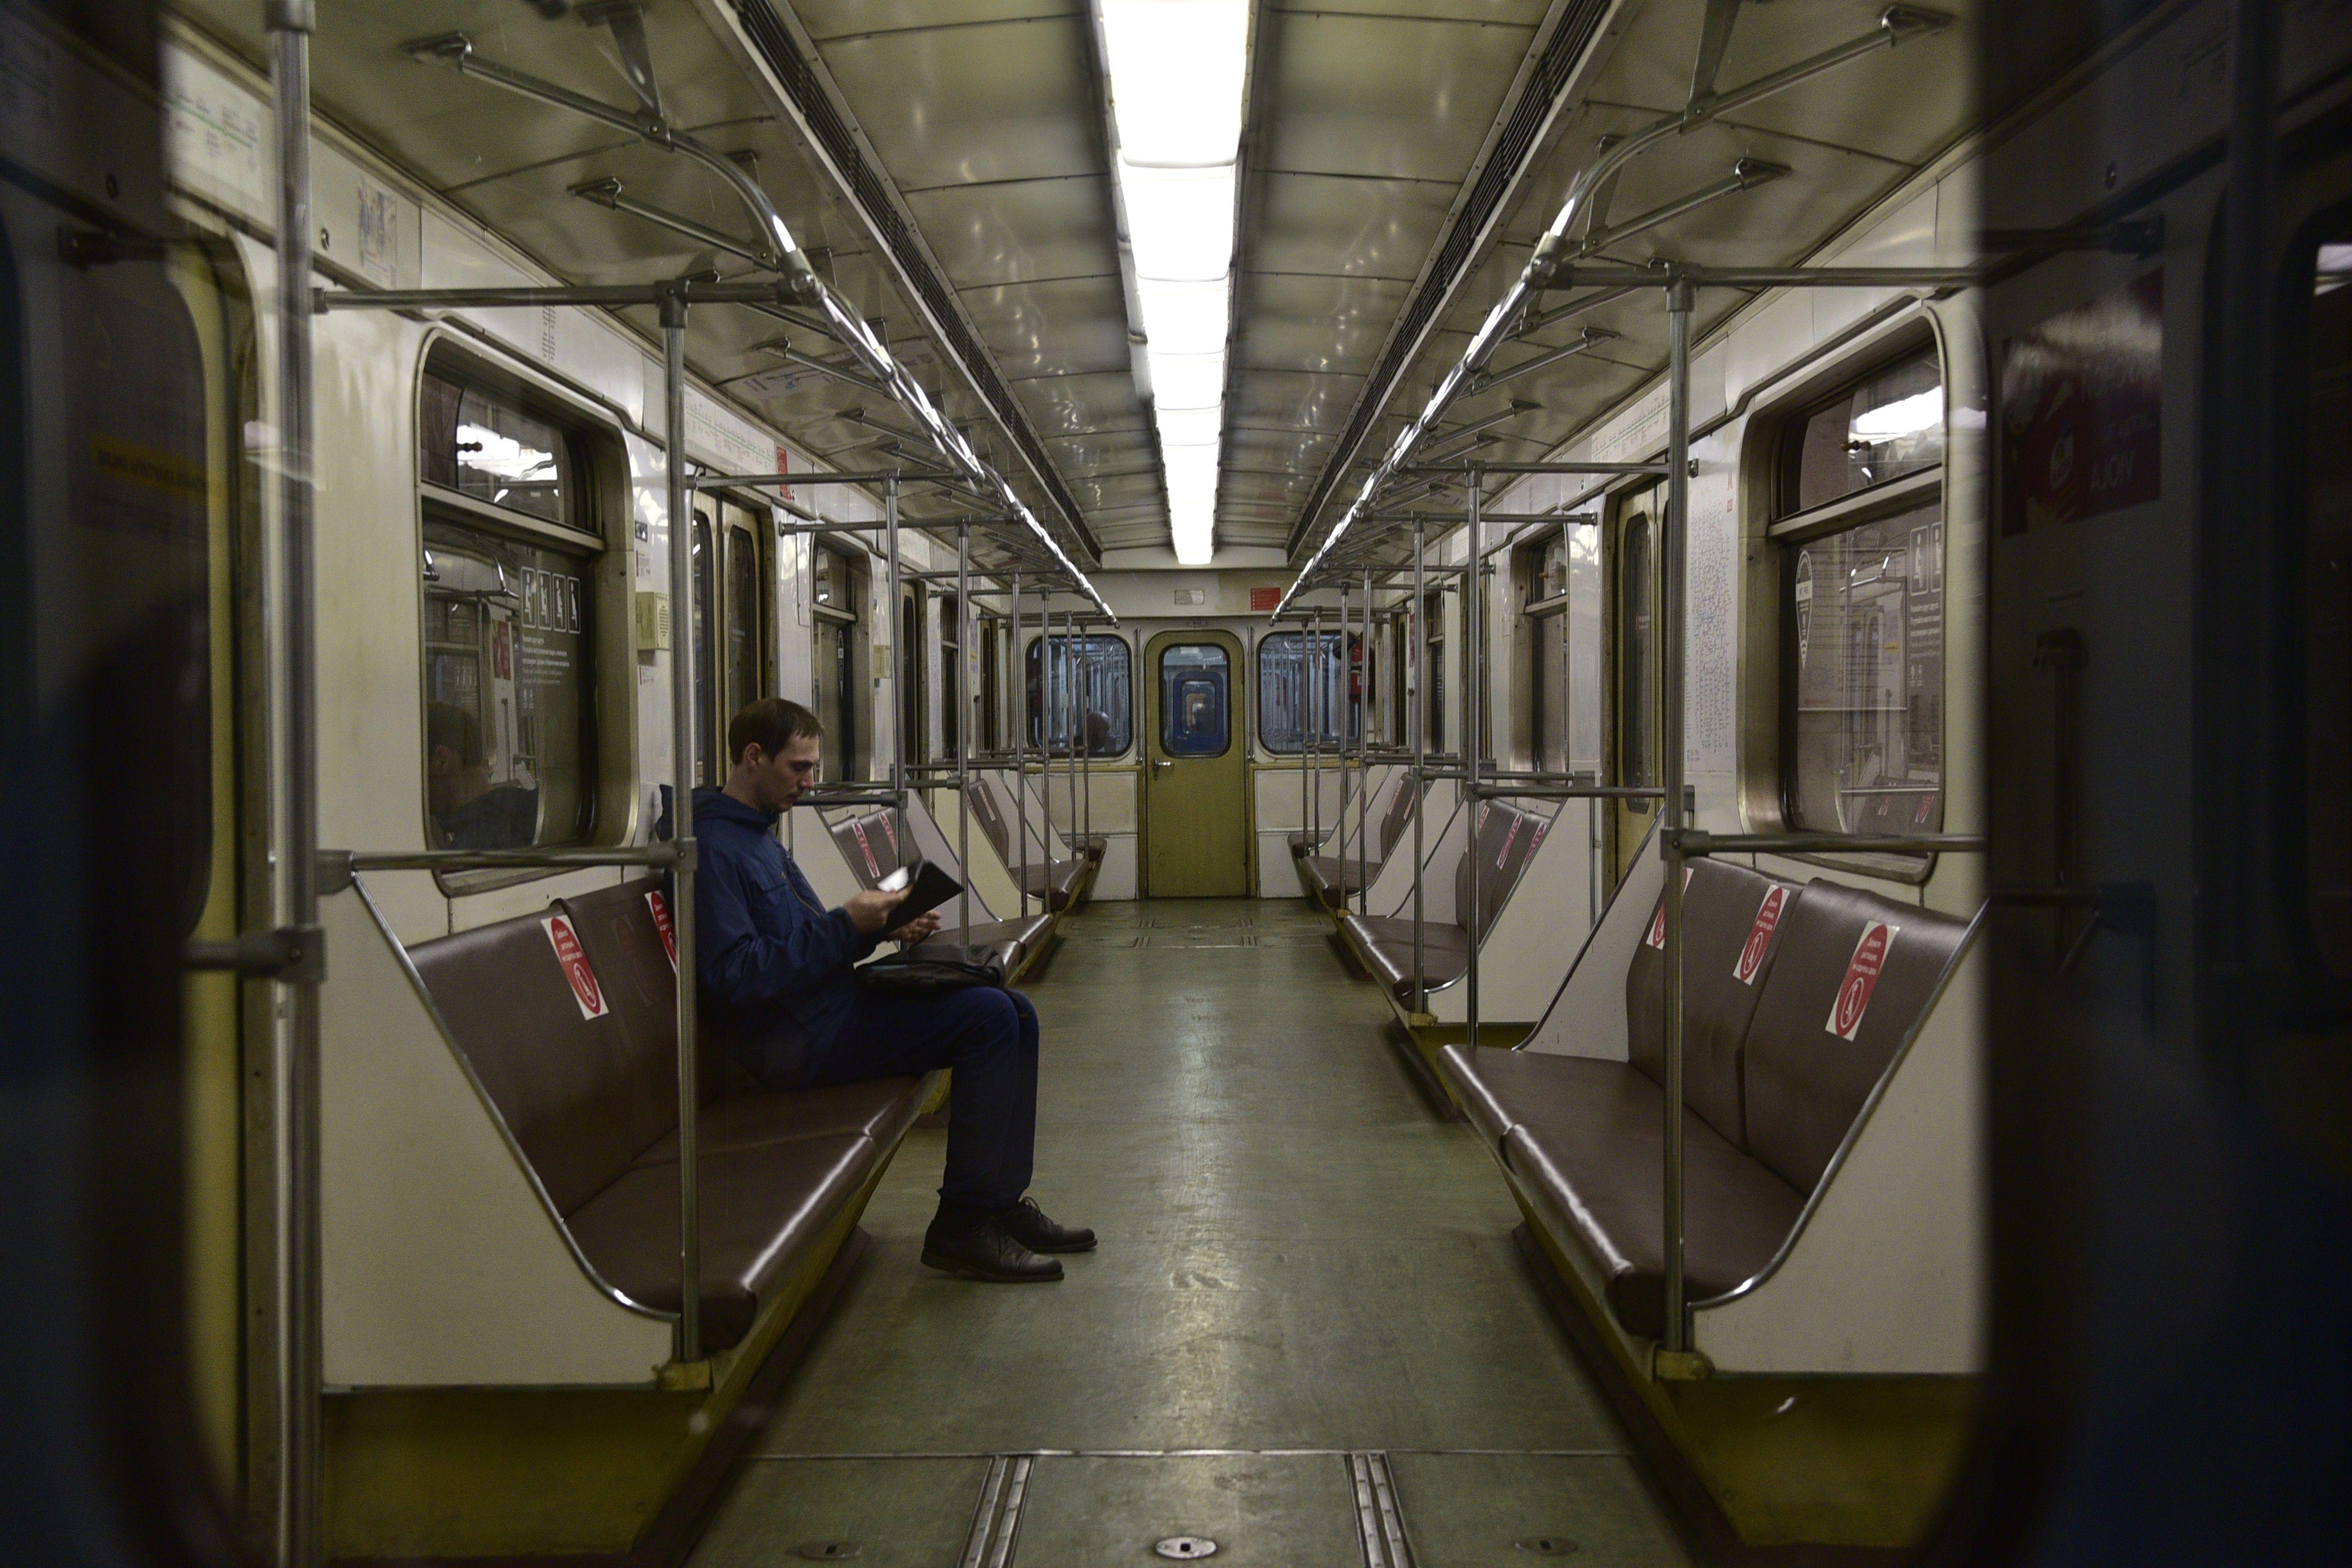 Напольные стикеры помогут пассажирам метро выбрать свободный вагон